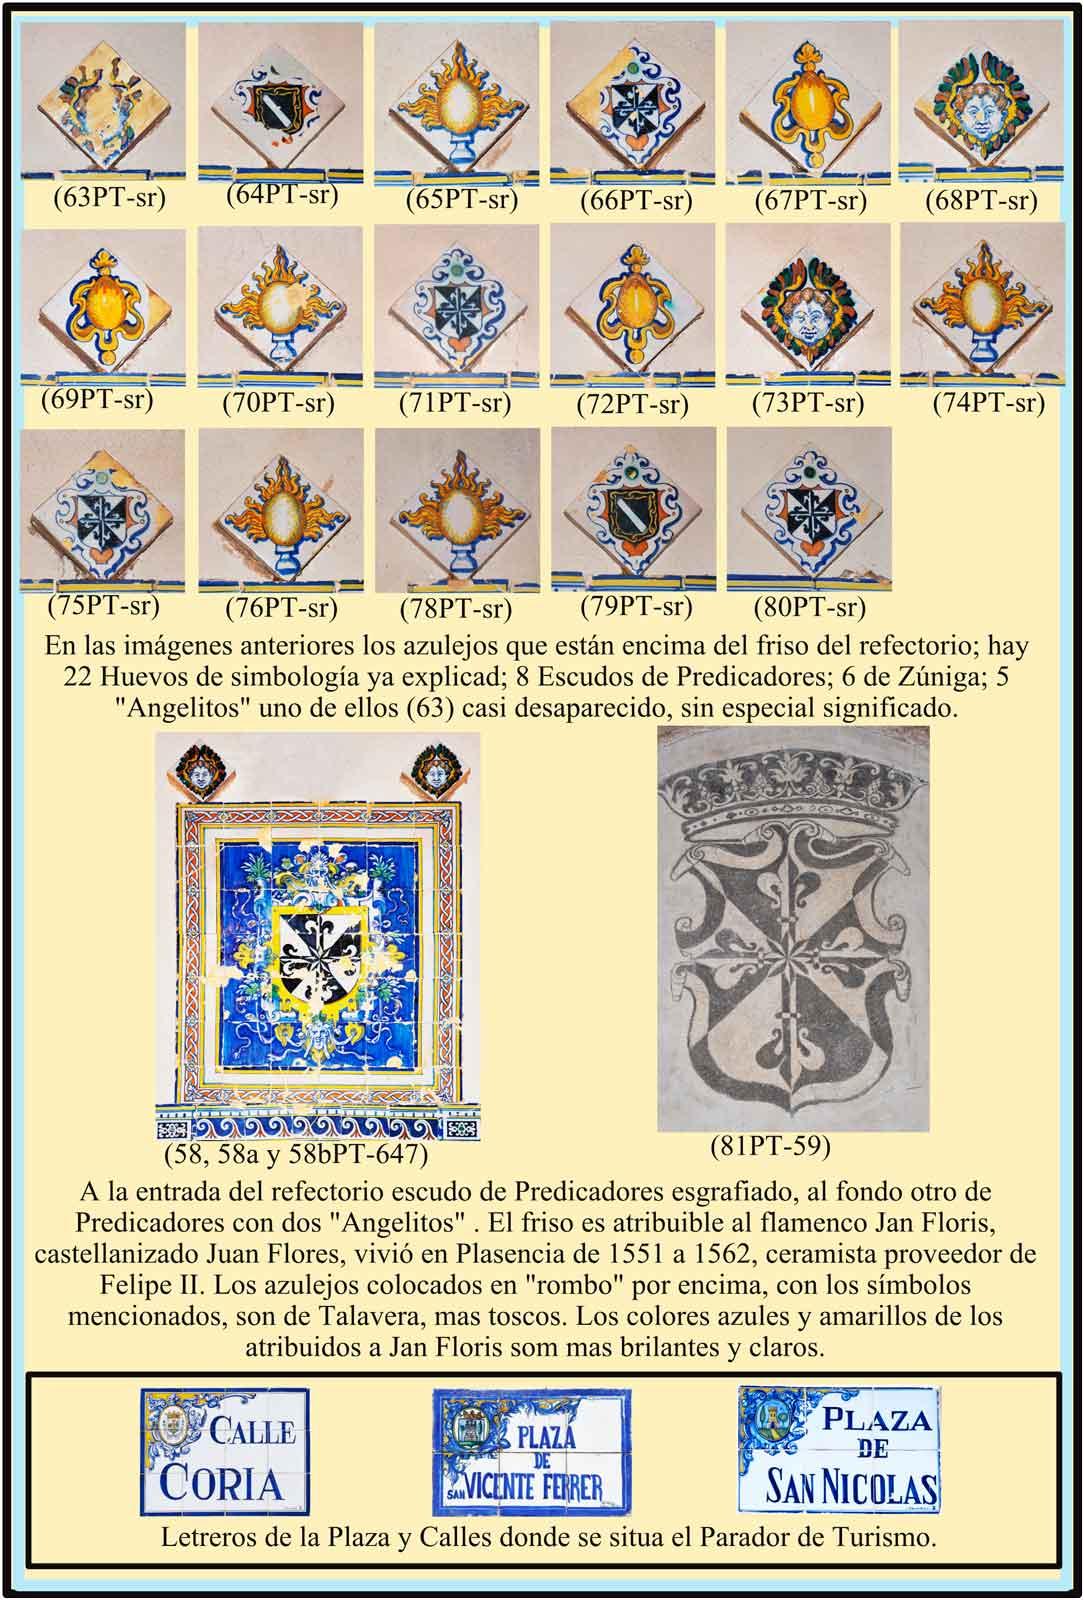 Simbolos y escudos en el refectorio del Parador de Turismo. Azulejos de Jan Floris o Juan Flores